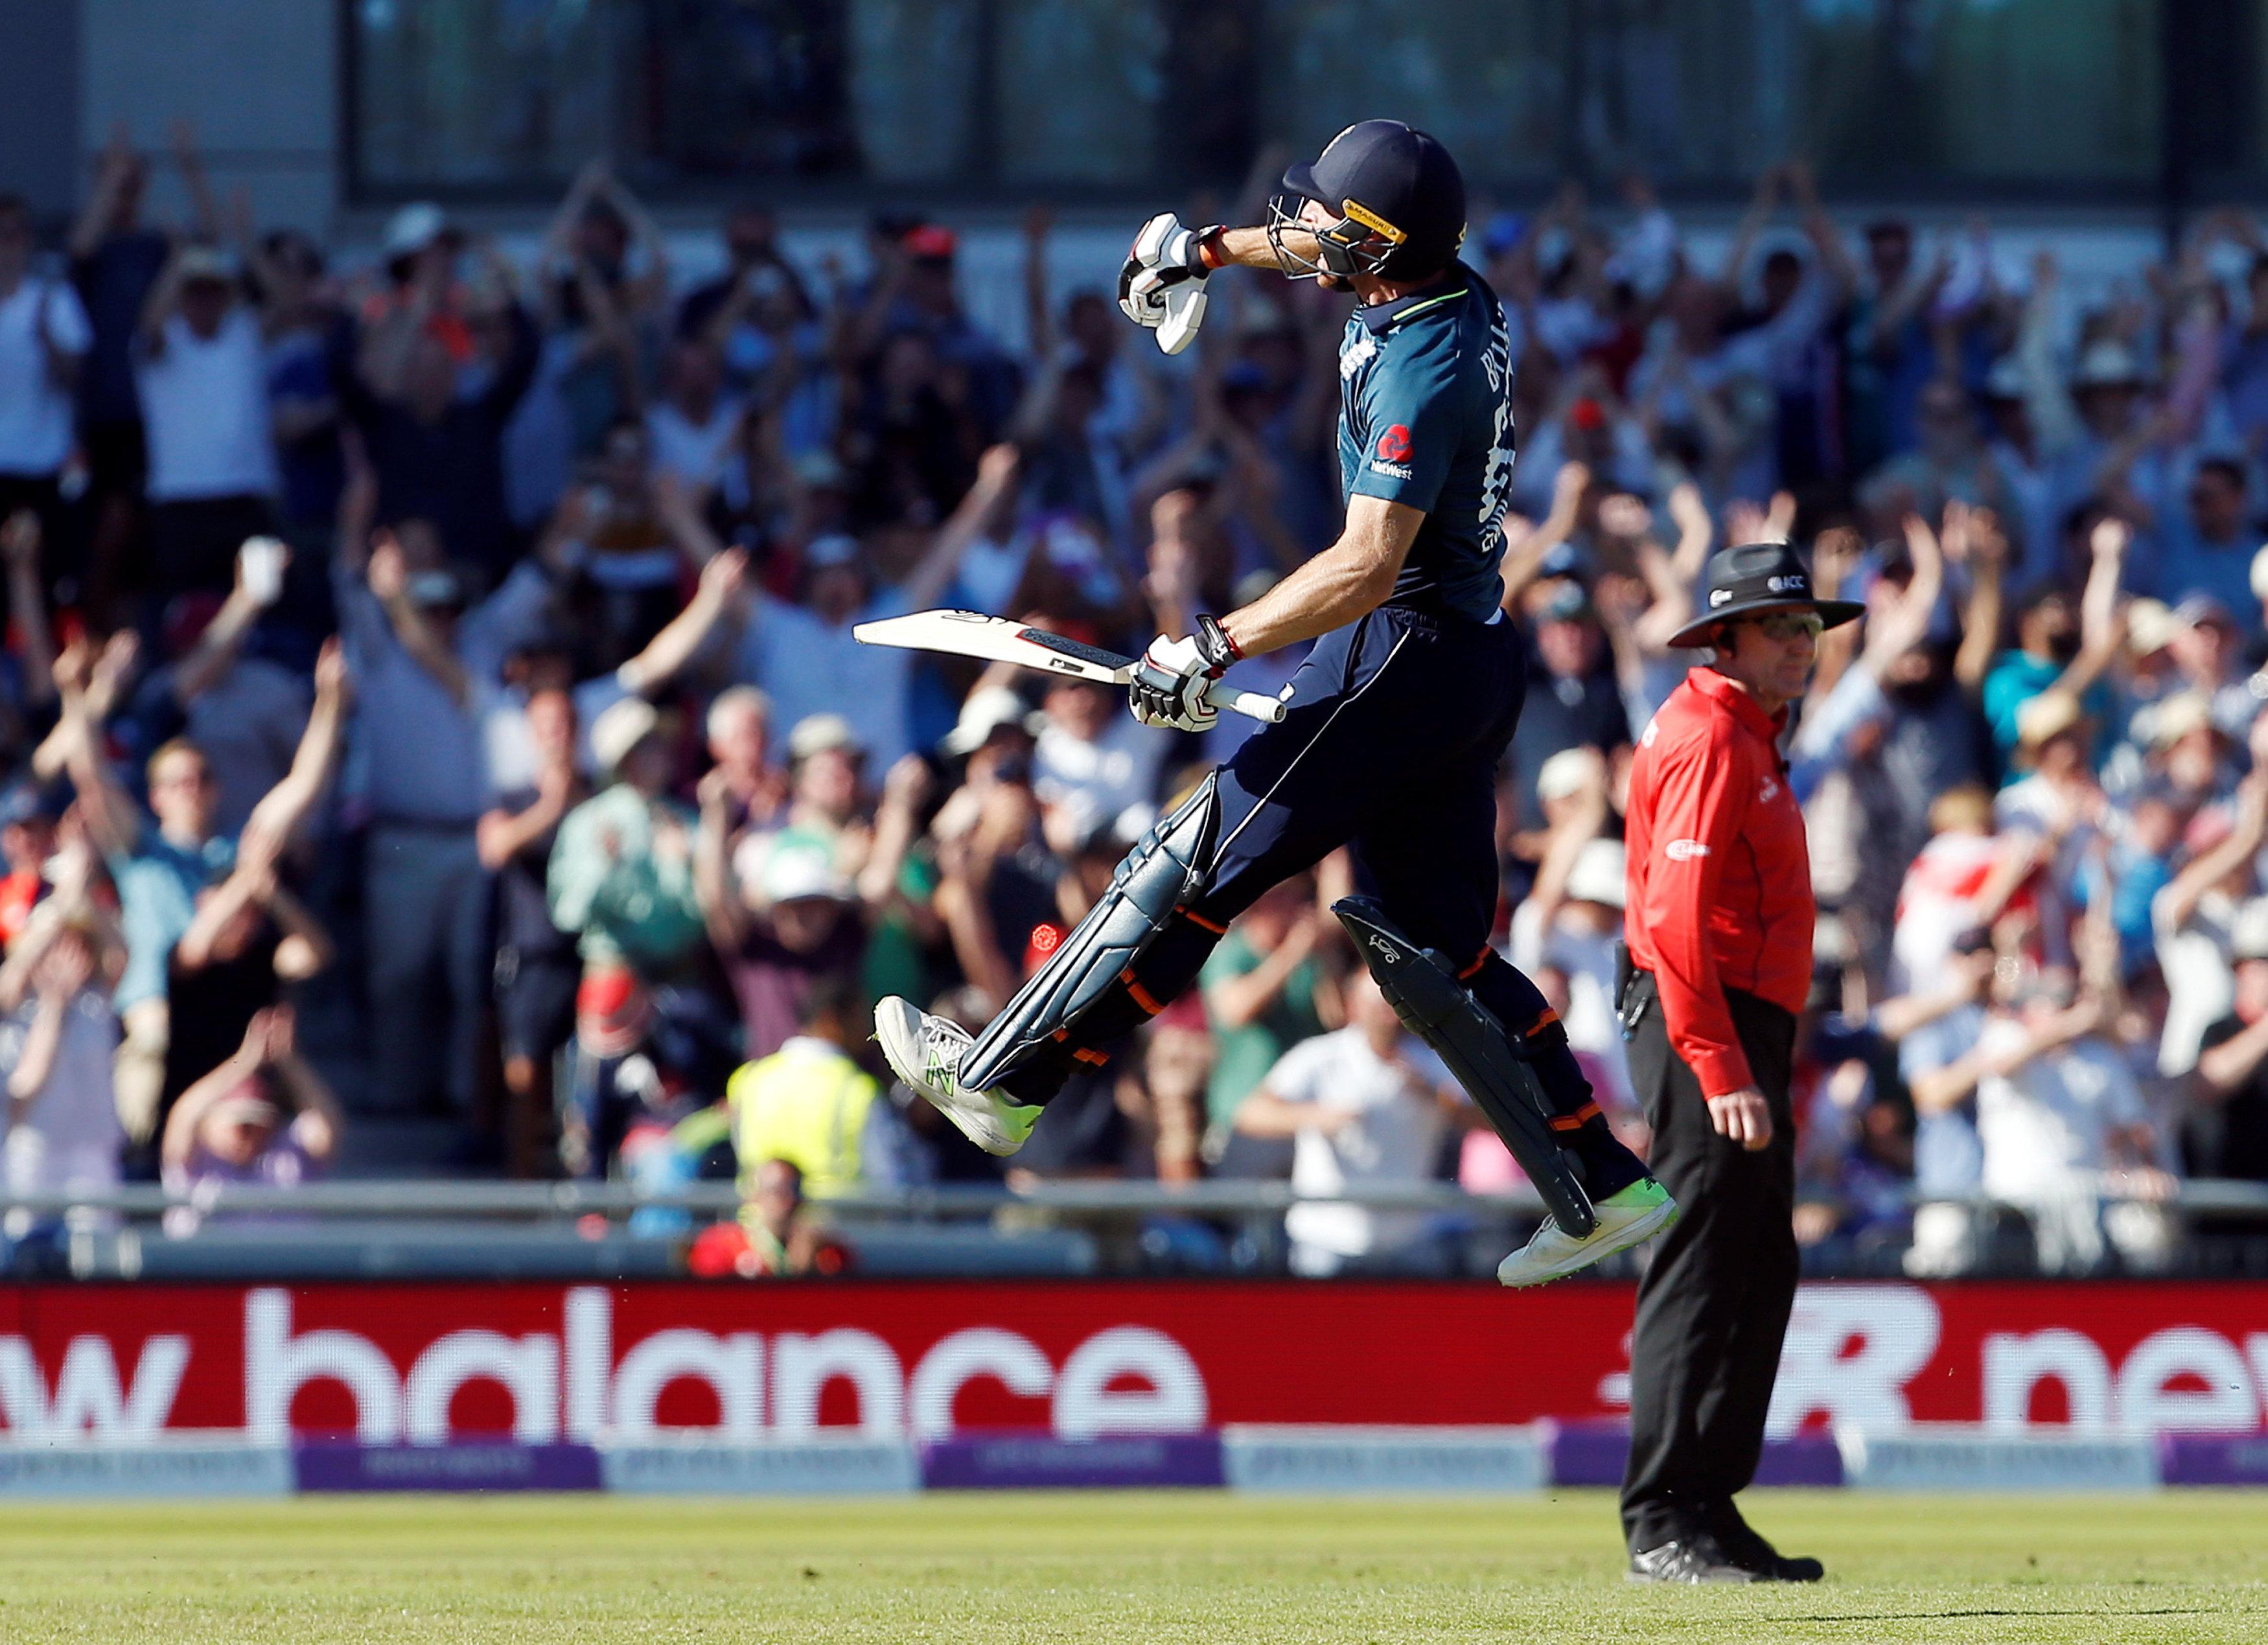 Buttler's thrilling knock led England past Australia yet again